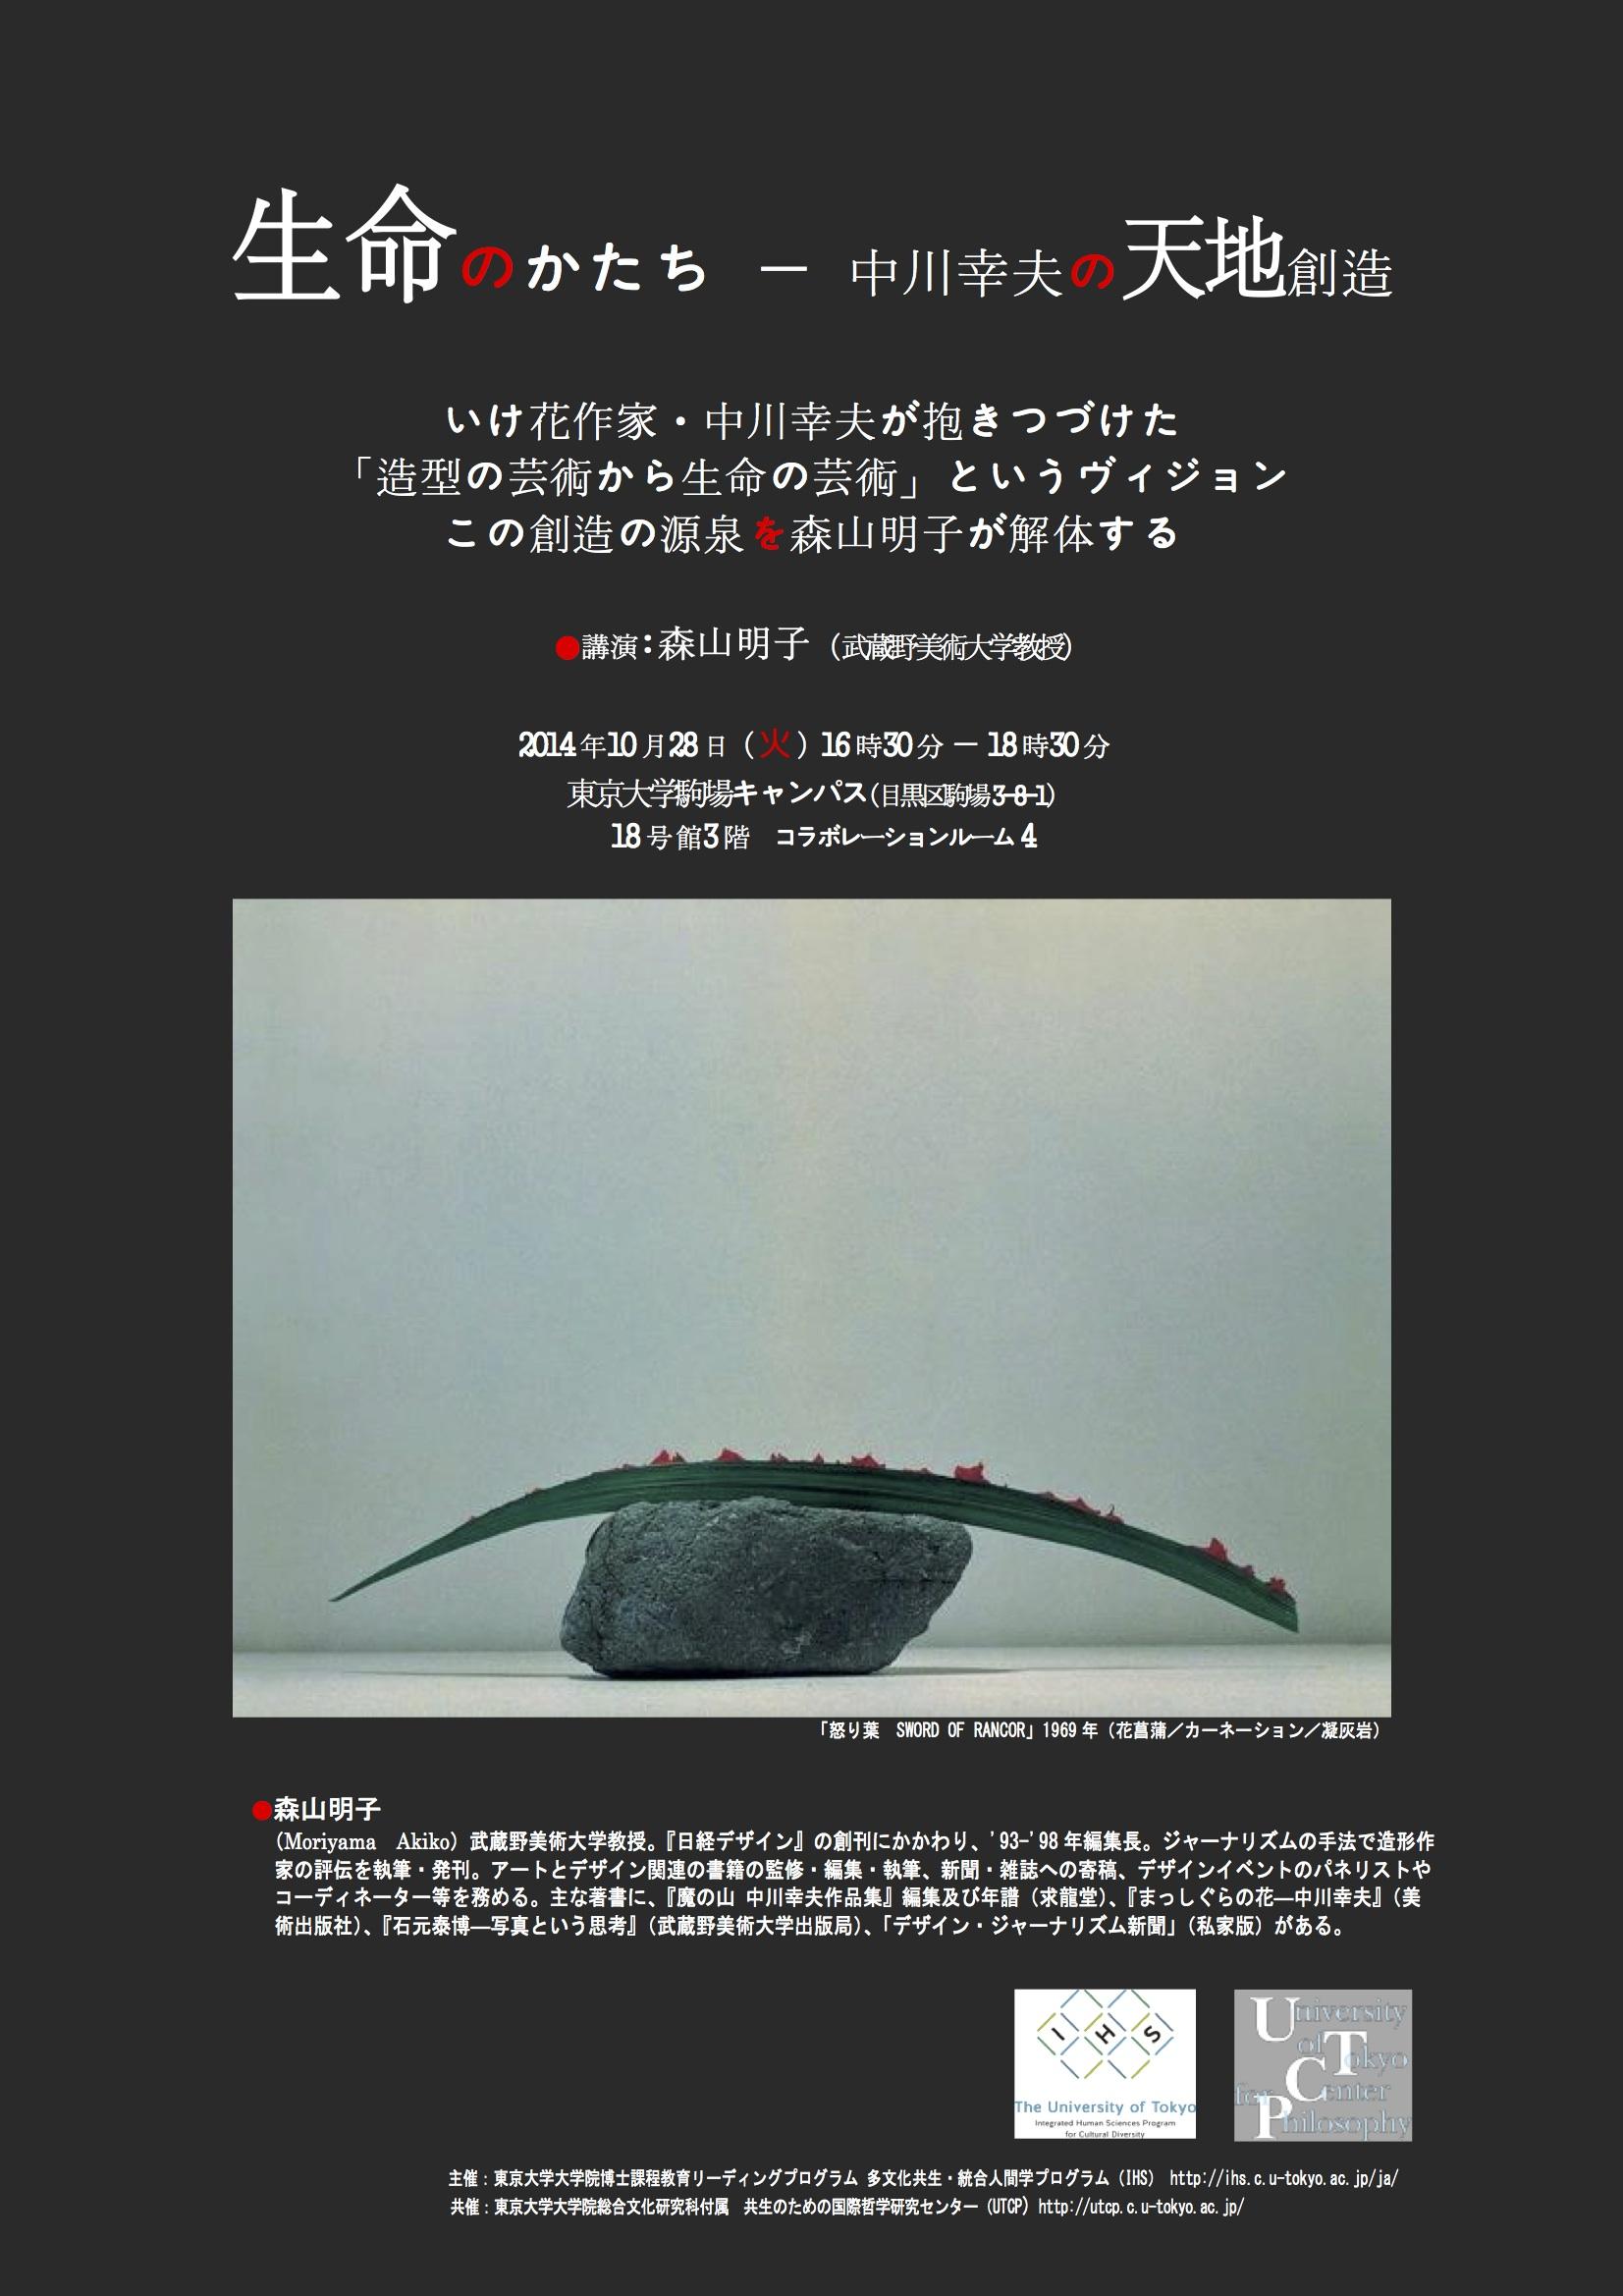 20141028_Poster.jpg